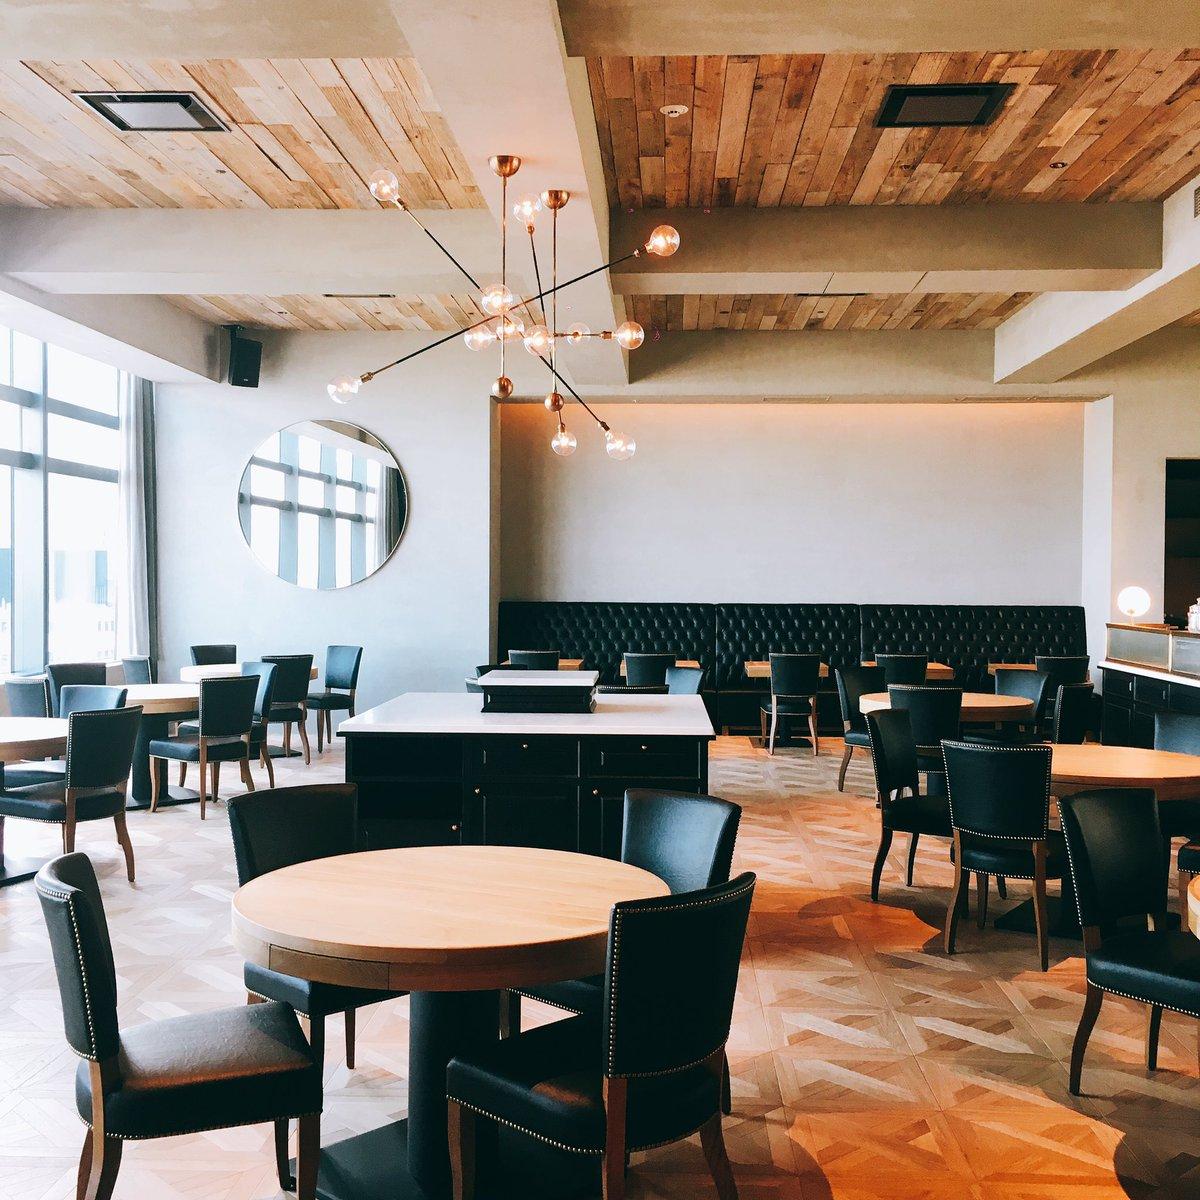 4月17日に名古屋ゲートタワーにオープンするレストラン&バー「ゲートハウス」の現場チェックに!素晴らしい内装仕上がってました!あとはレストランエリアの奥の壁面アート選びをきめればほぼ完成、、、 https://t.co/1PjwvAI0EY